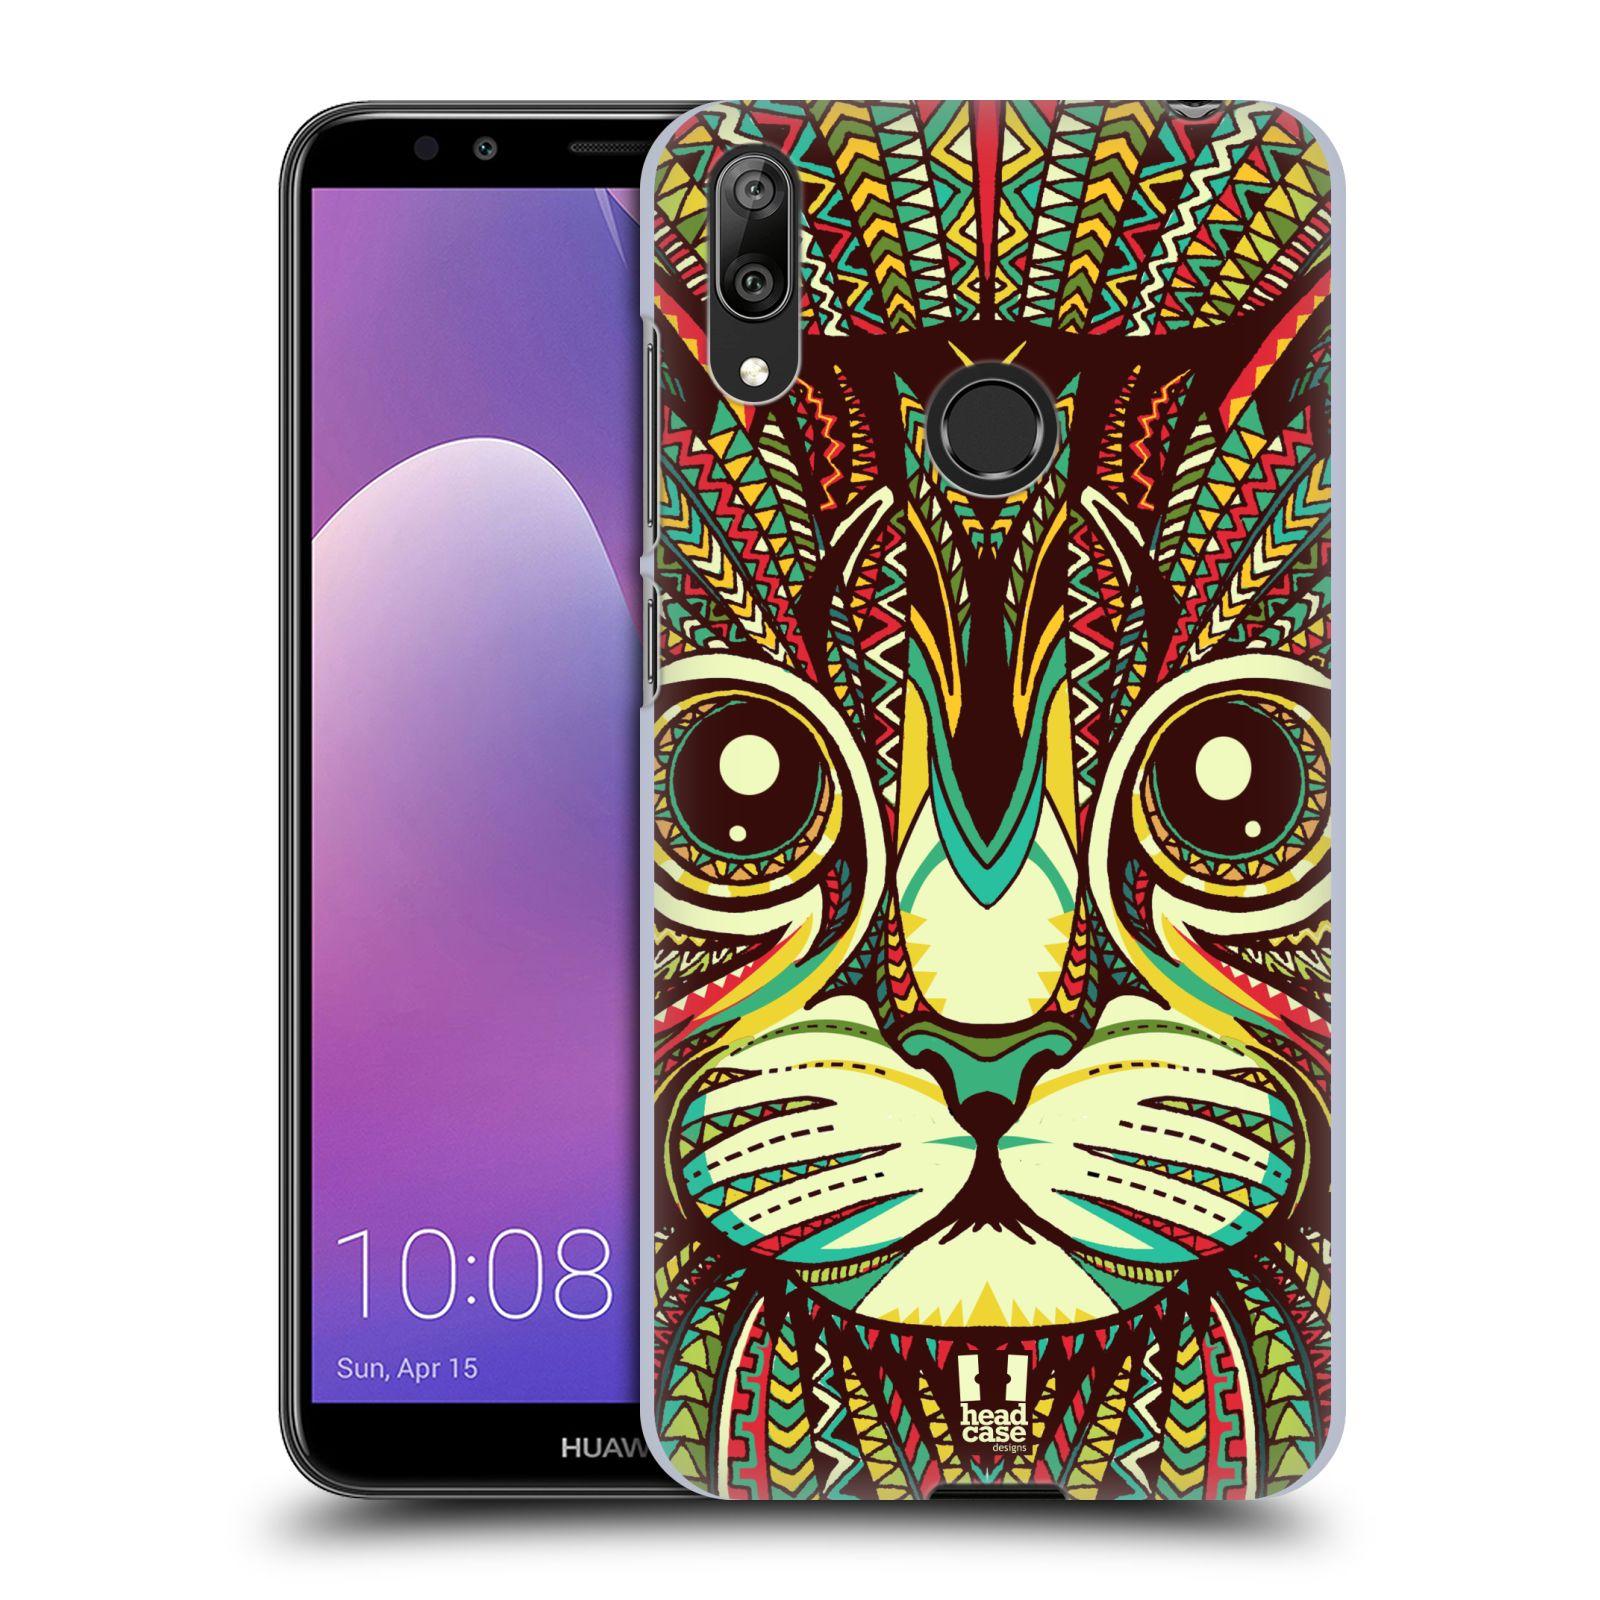 Plastové pouzdro na mobil Huawei Y7 (2019) - Head Case - AZTEC KOČKA